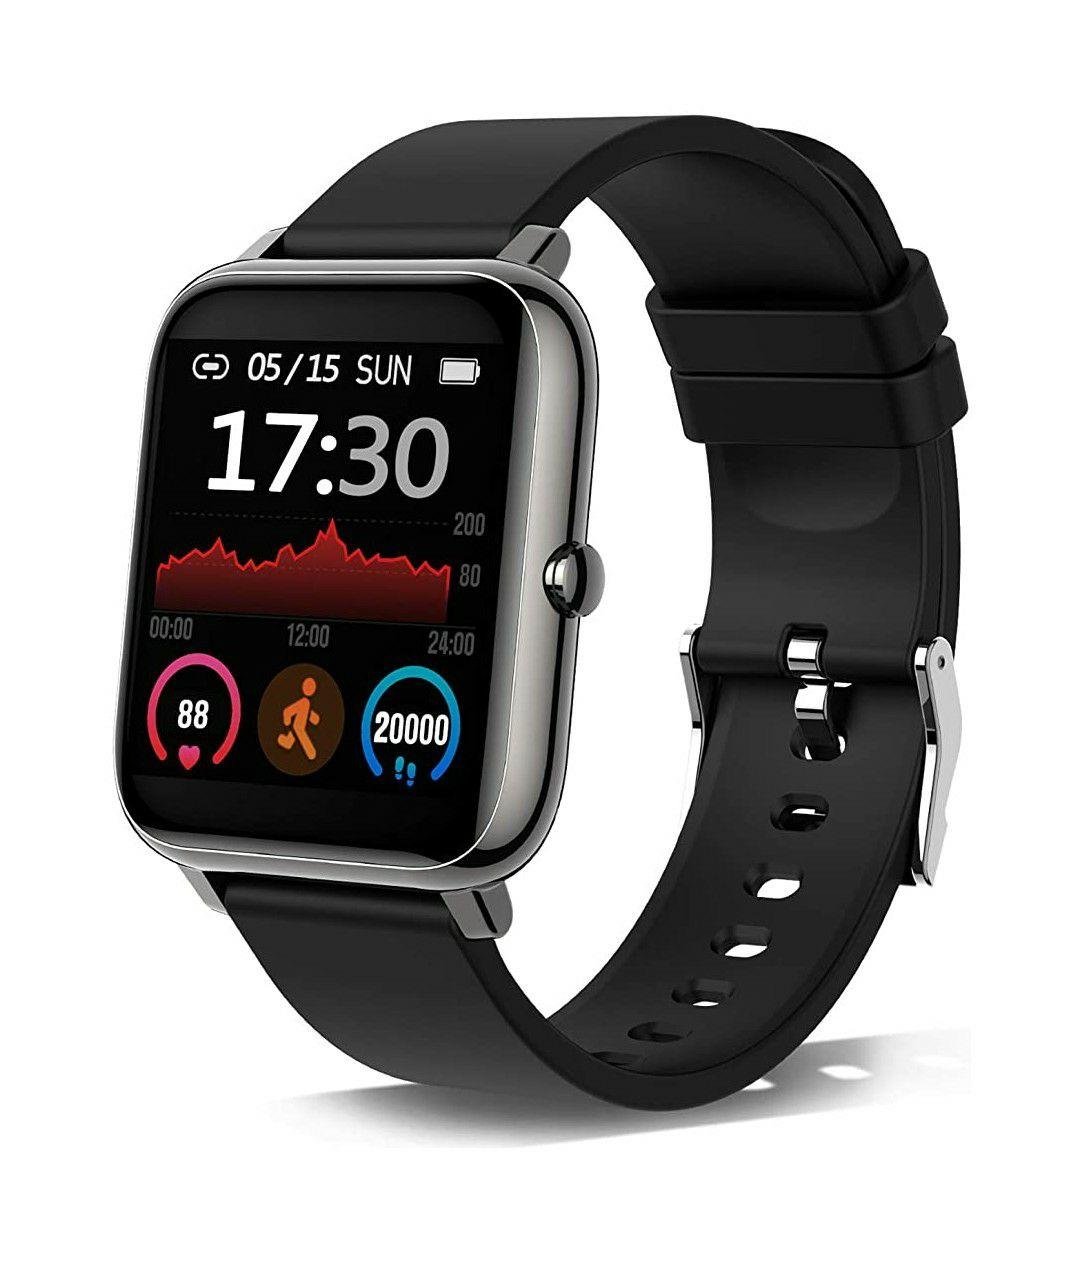 Smartwatch, Reloj Inteligente con Pulsómetro, Cronómetros, Calorías, Monitor de Sueño, Podómetro Pulsera Actividad Inteligente Impermeable